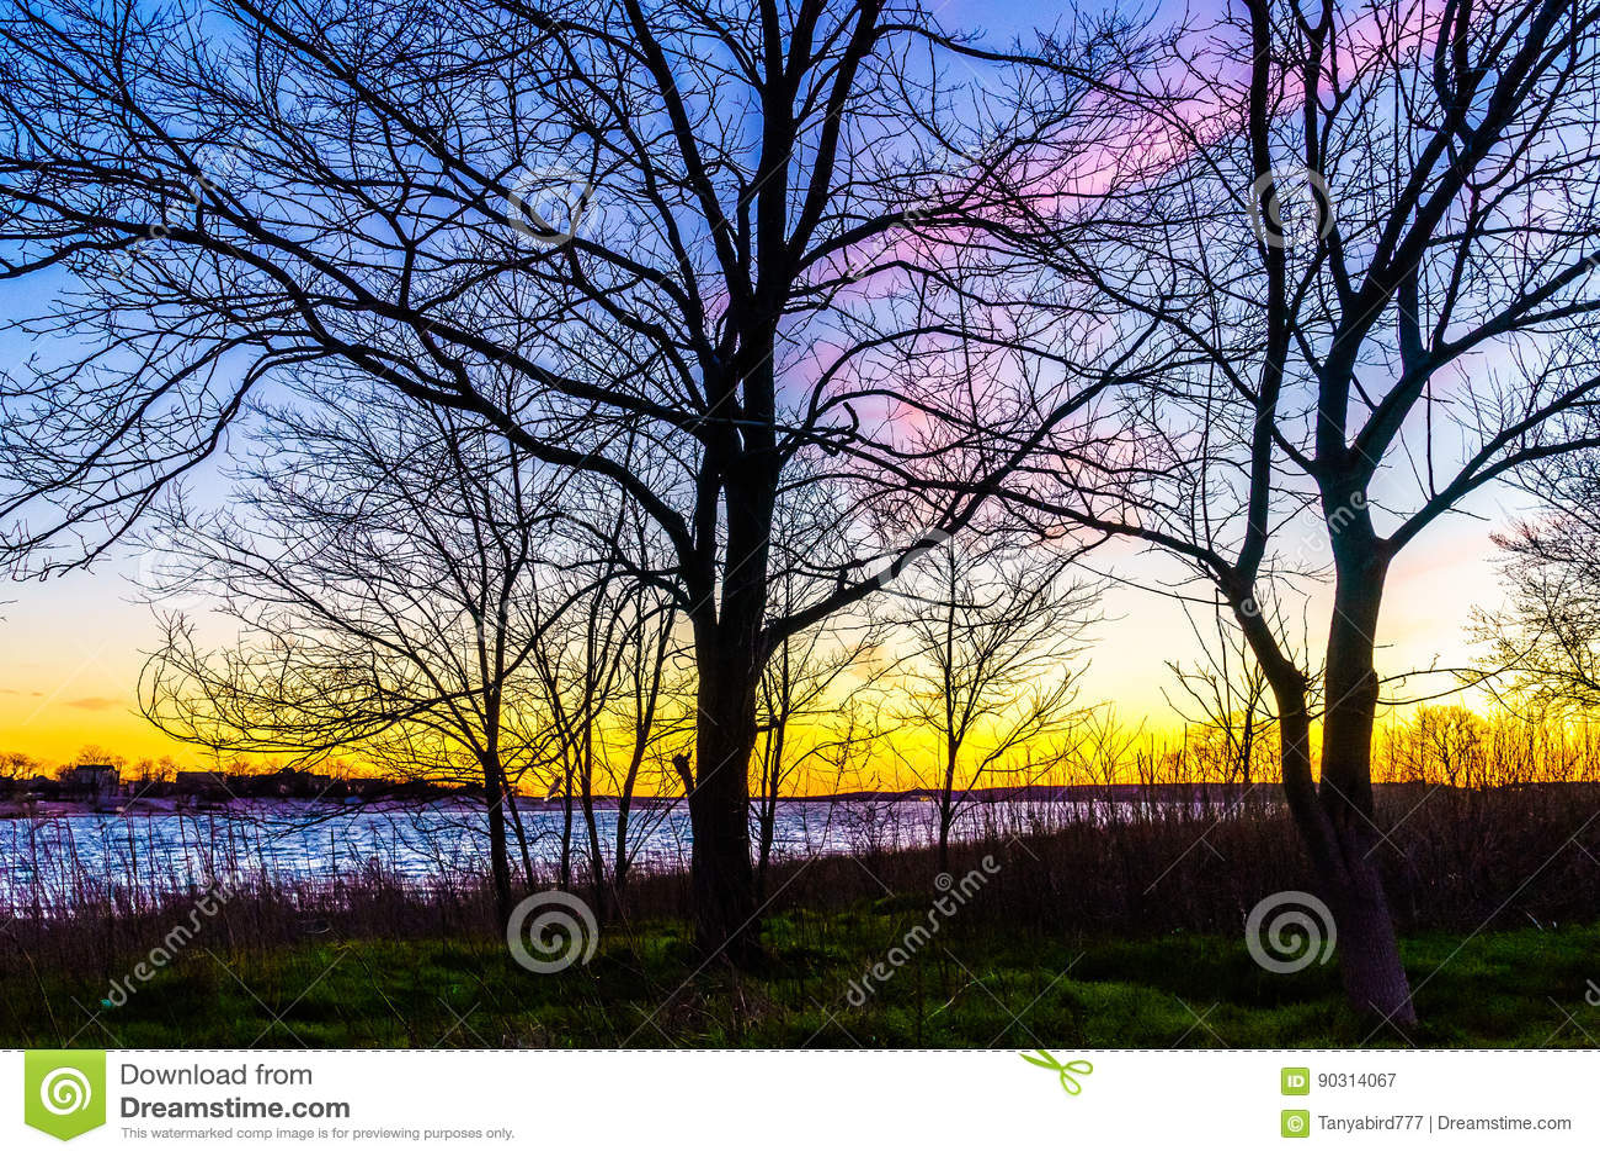 Sunset through a tree in Calvert Vaux Park